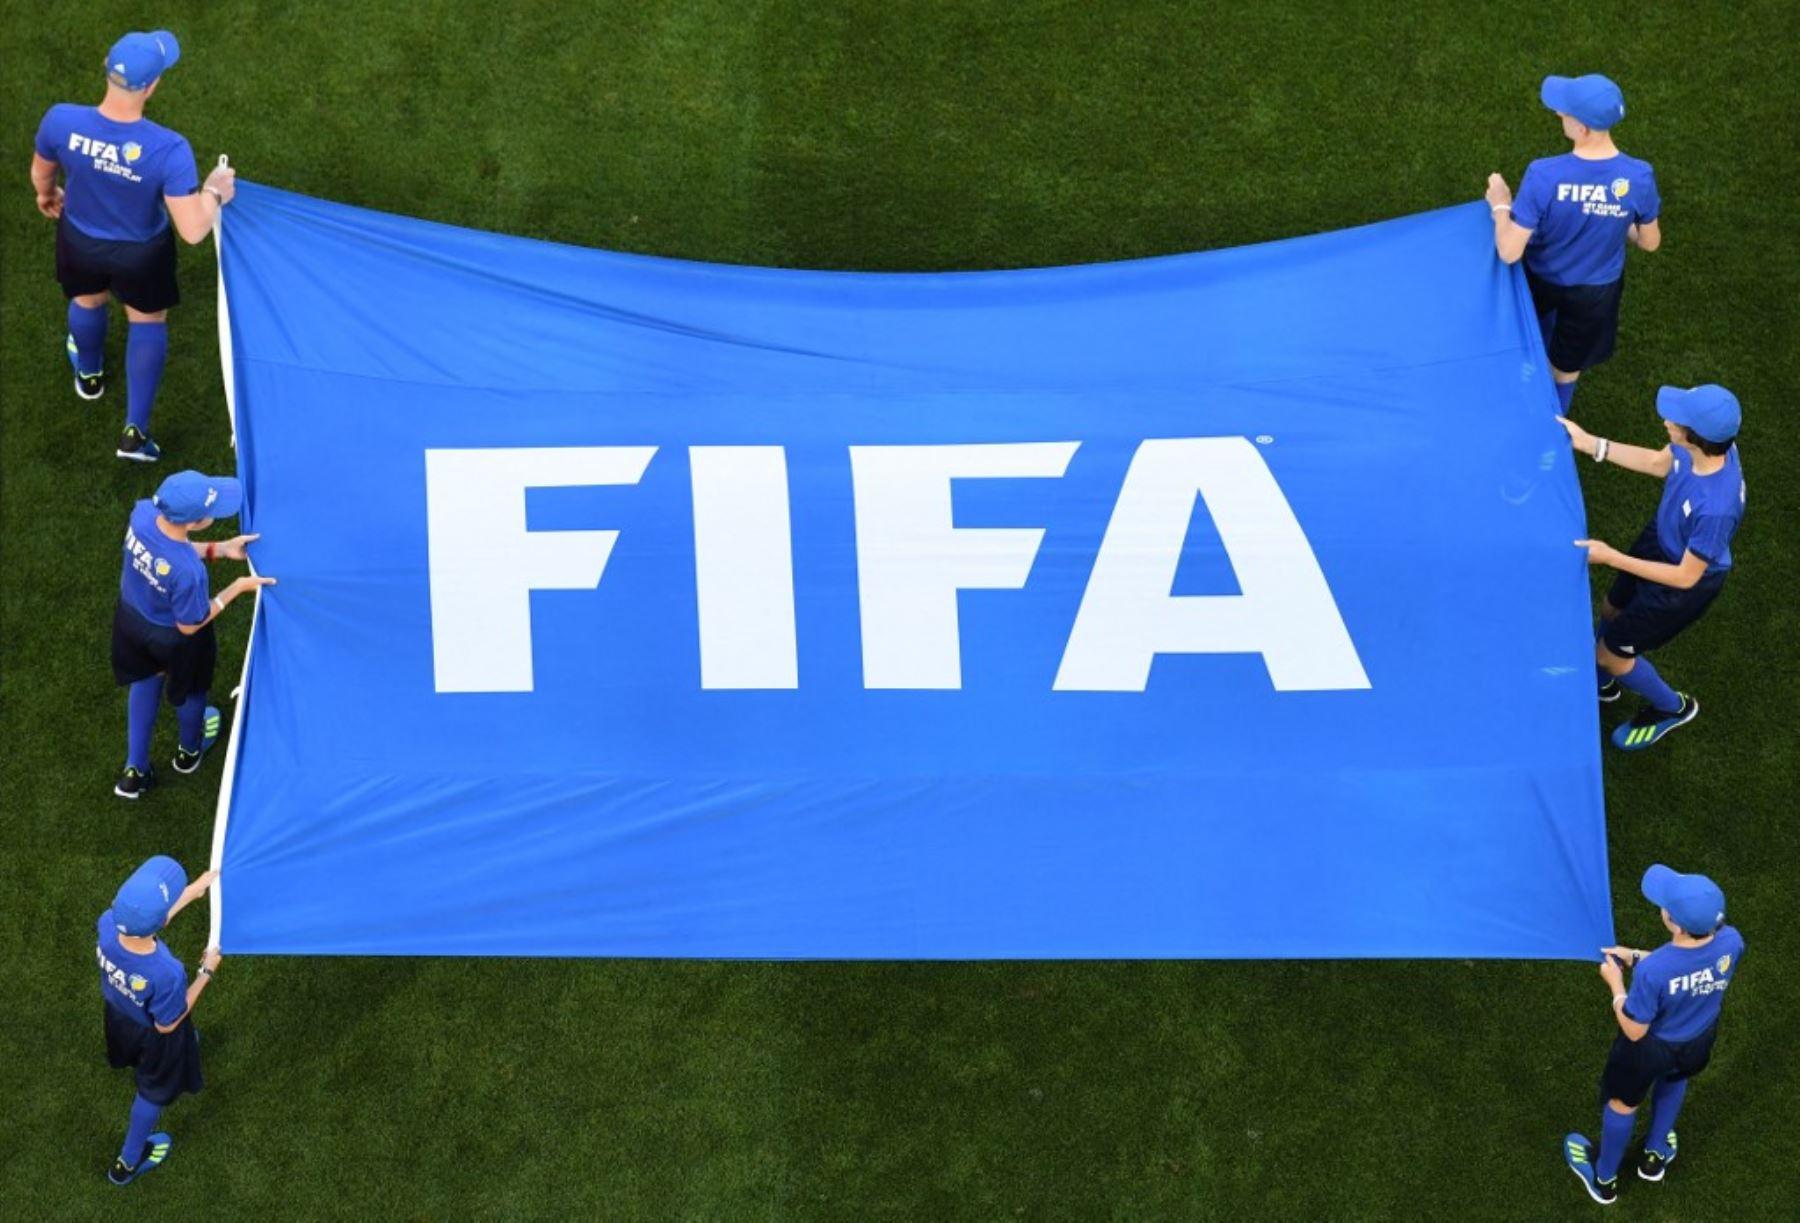 FIFA plantea realizar una Copa del Mundo en Israel